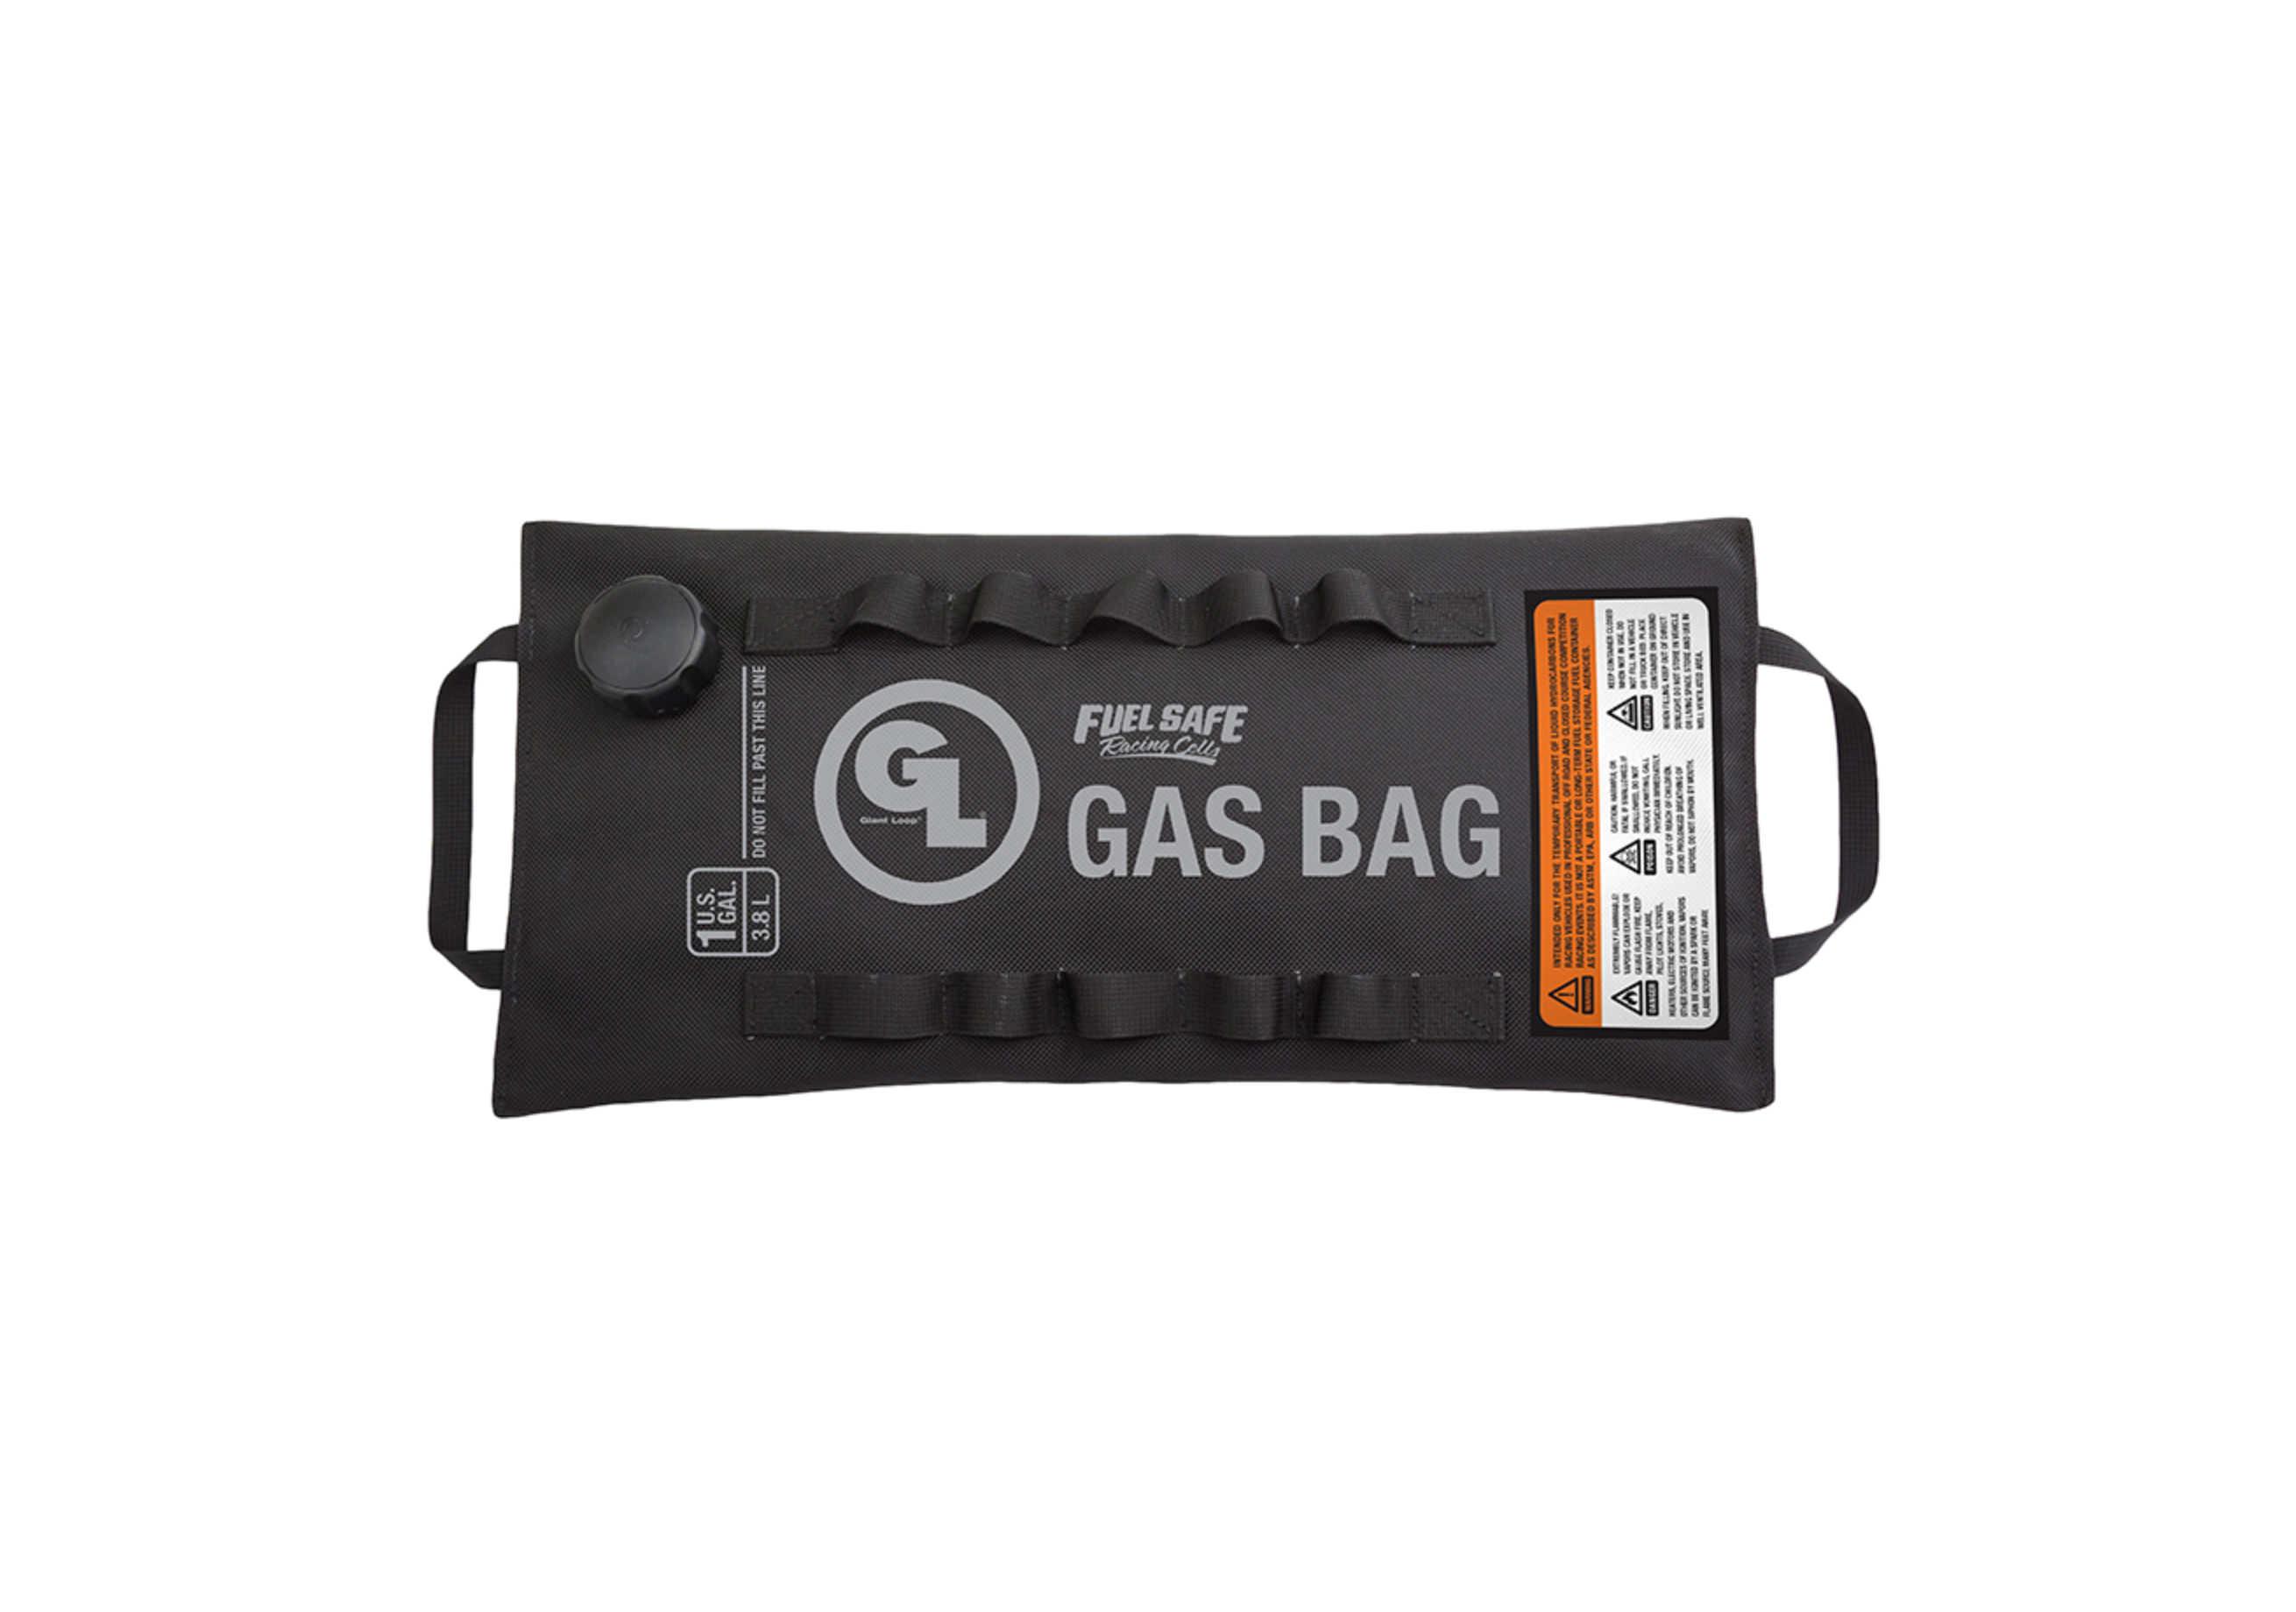 Gas Bag - Giant Loop Fuel Safe Bladder